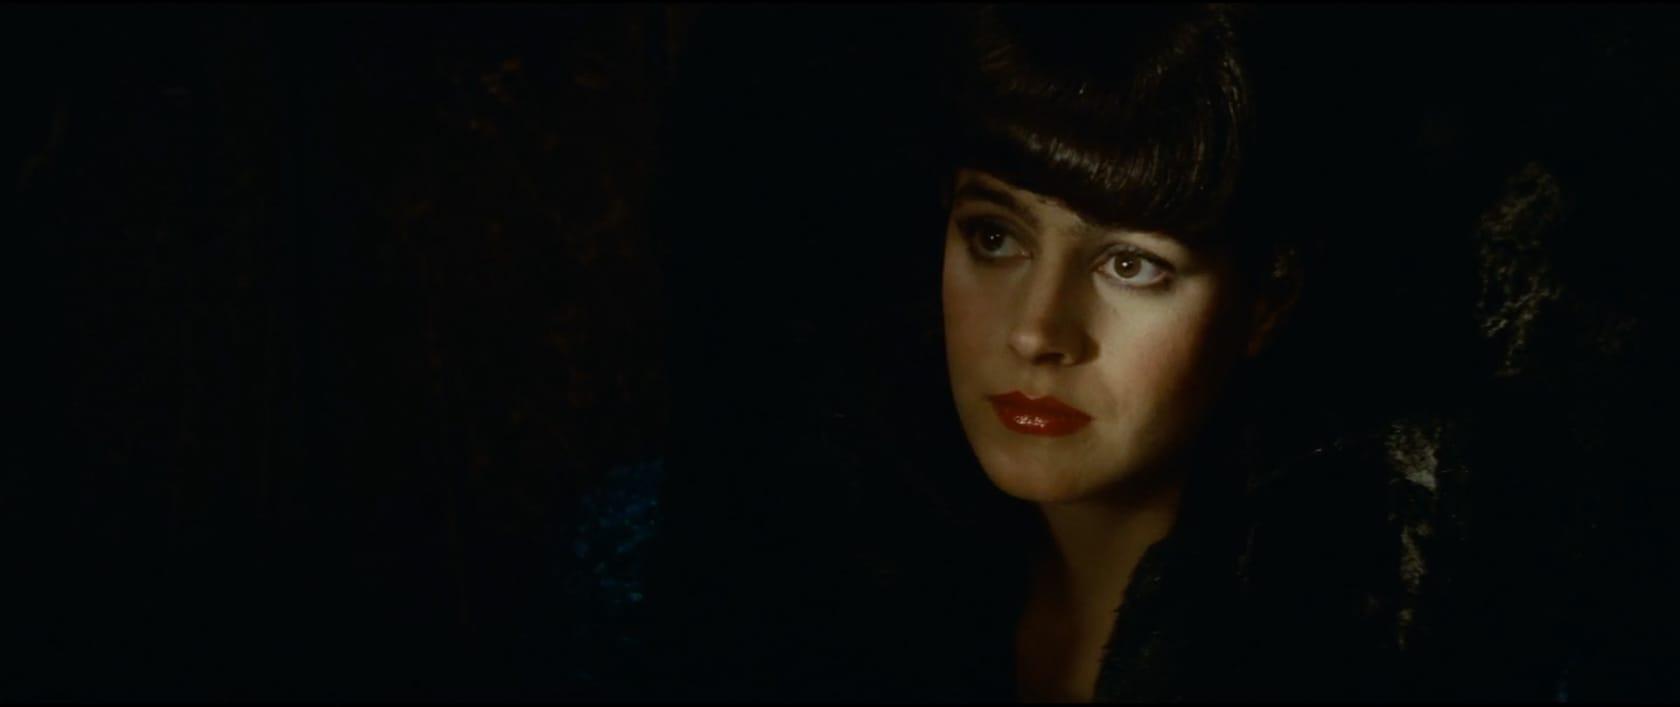 Blade Runner scene 1